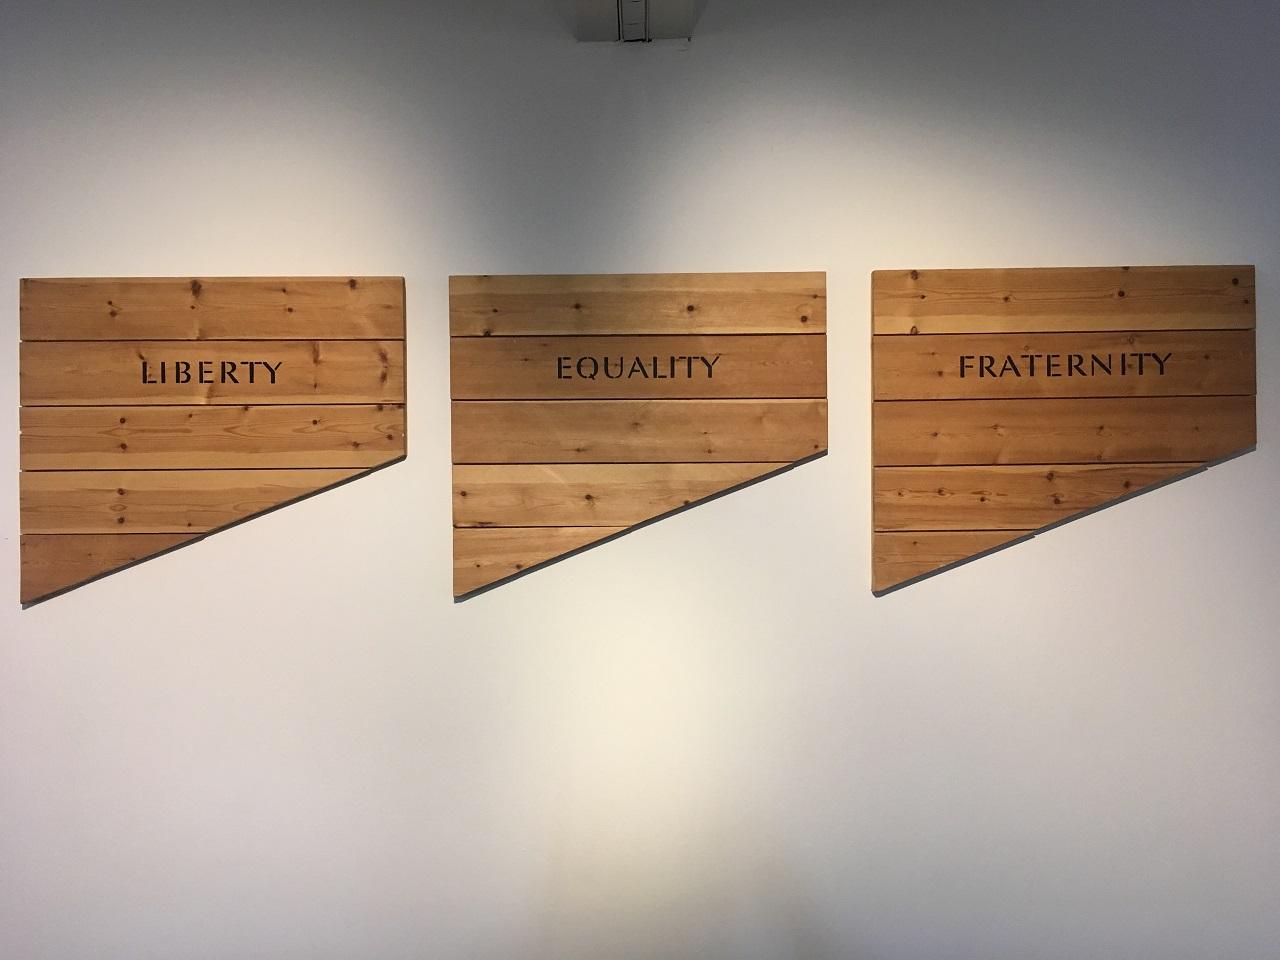 """Drei Holzbretterteile mit den Aufschriften """"Freiheit"""", """"Gleichheit"""", """"Brüderlichkeit"""" - eine Arbeit von Ian Hamilton Finlay"""